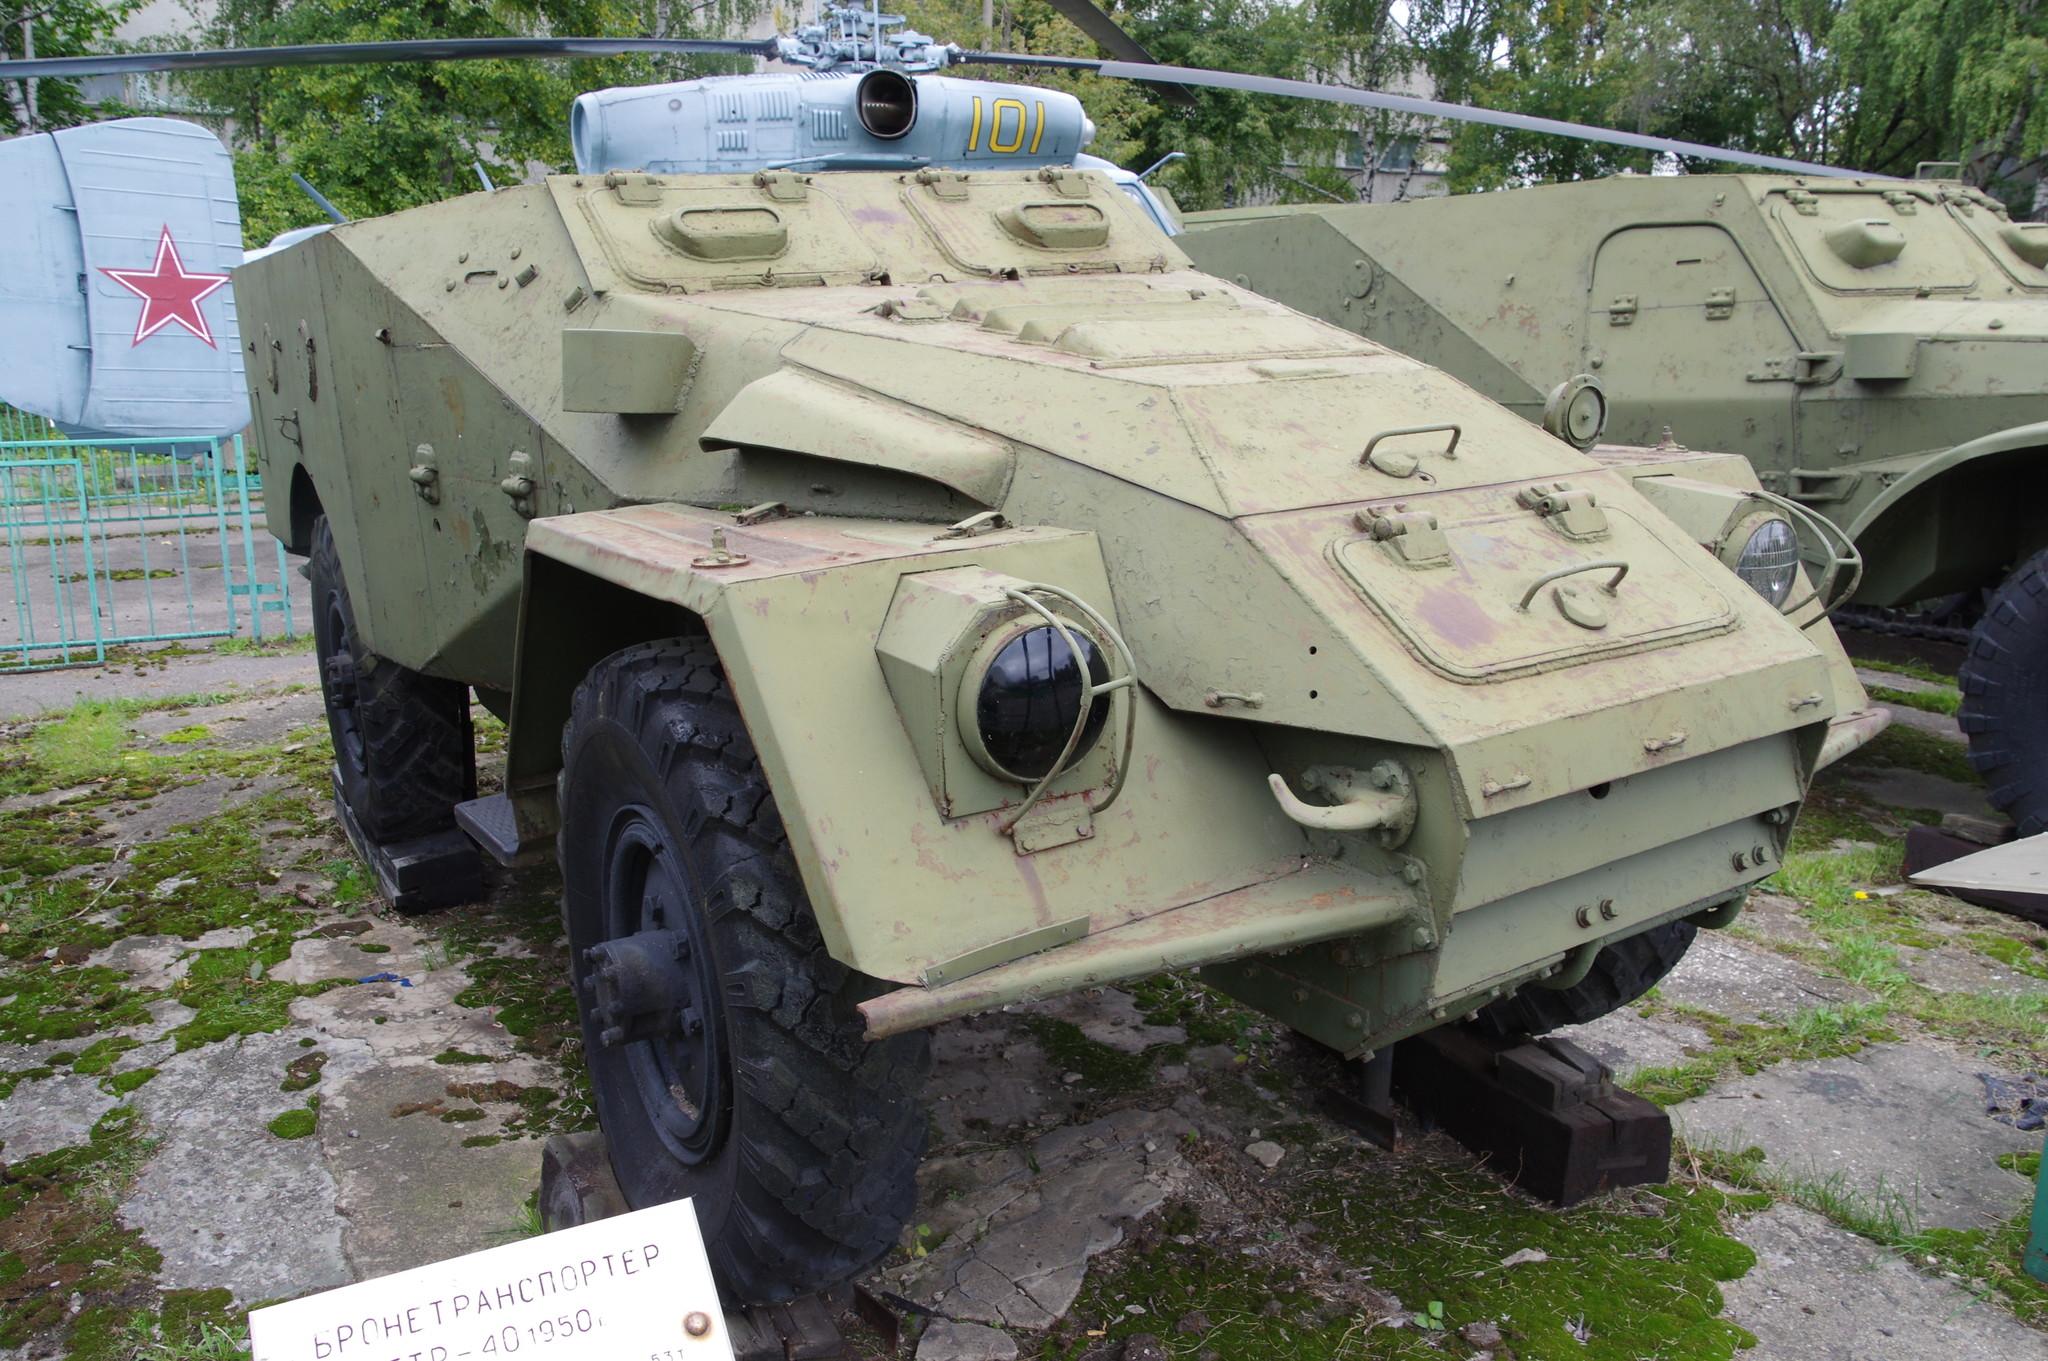 Бронетранспортёр БТР-40 (1950 г.) в экспозиции Центрального музея Вооружённых сил Российской Федерации